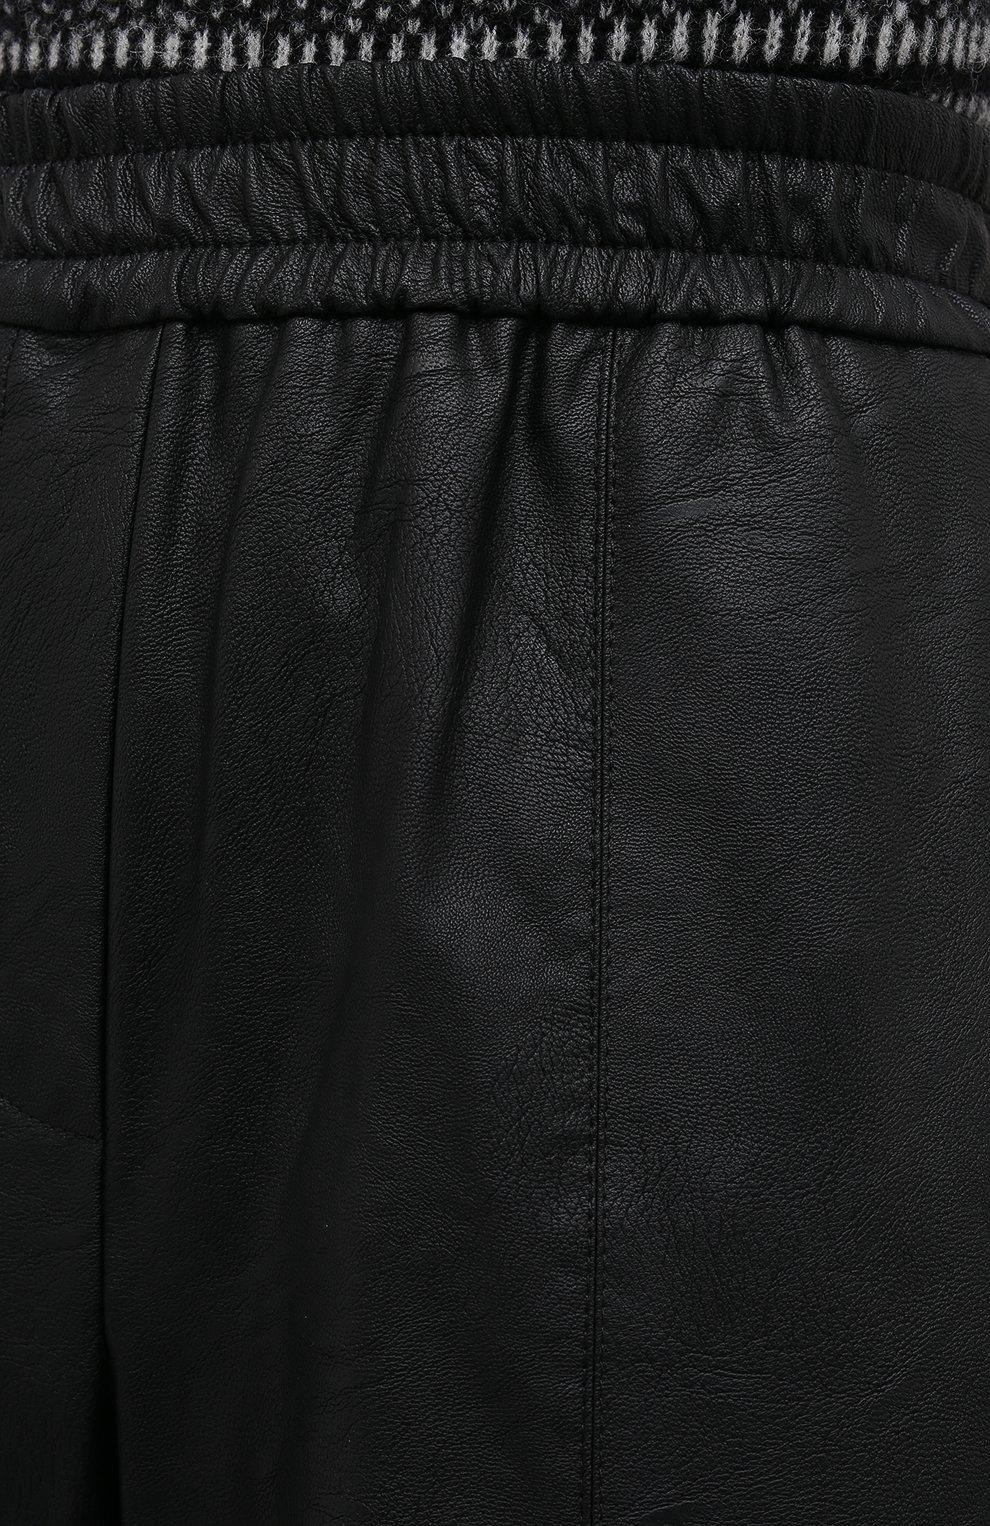 Женские шорты из экокожи NUDE черного цвета, арт. 1103028/SH0RTS | Фото 5 (Женское Кросс-КТ: Шорты-одежда; Материал внешний: Синтетический материал, Вискоза; Кросс-КТ: Широкие, экокожа; Стили: Спорт-шик; Длина Ж (юбки, платья, шорты): До колена)